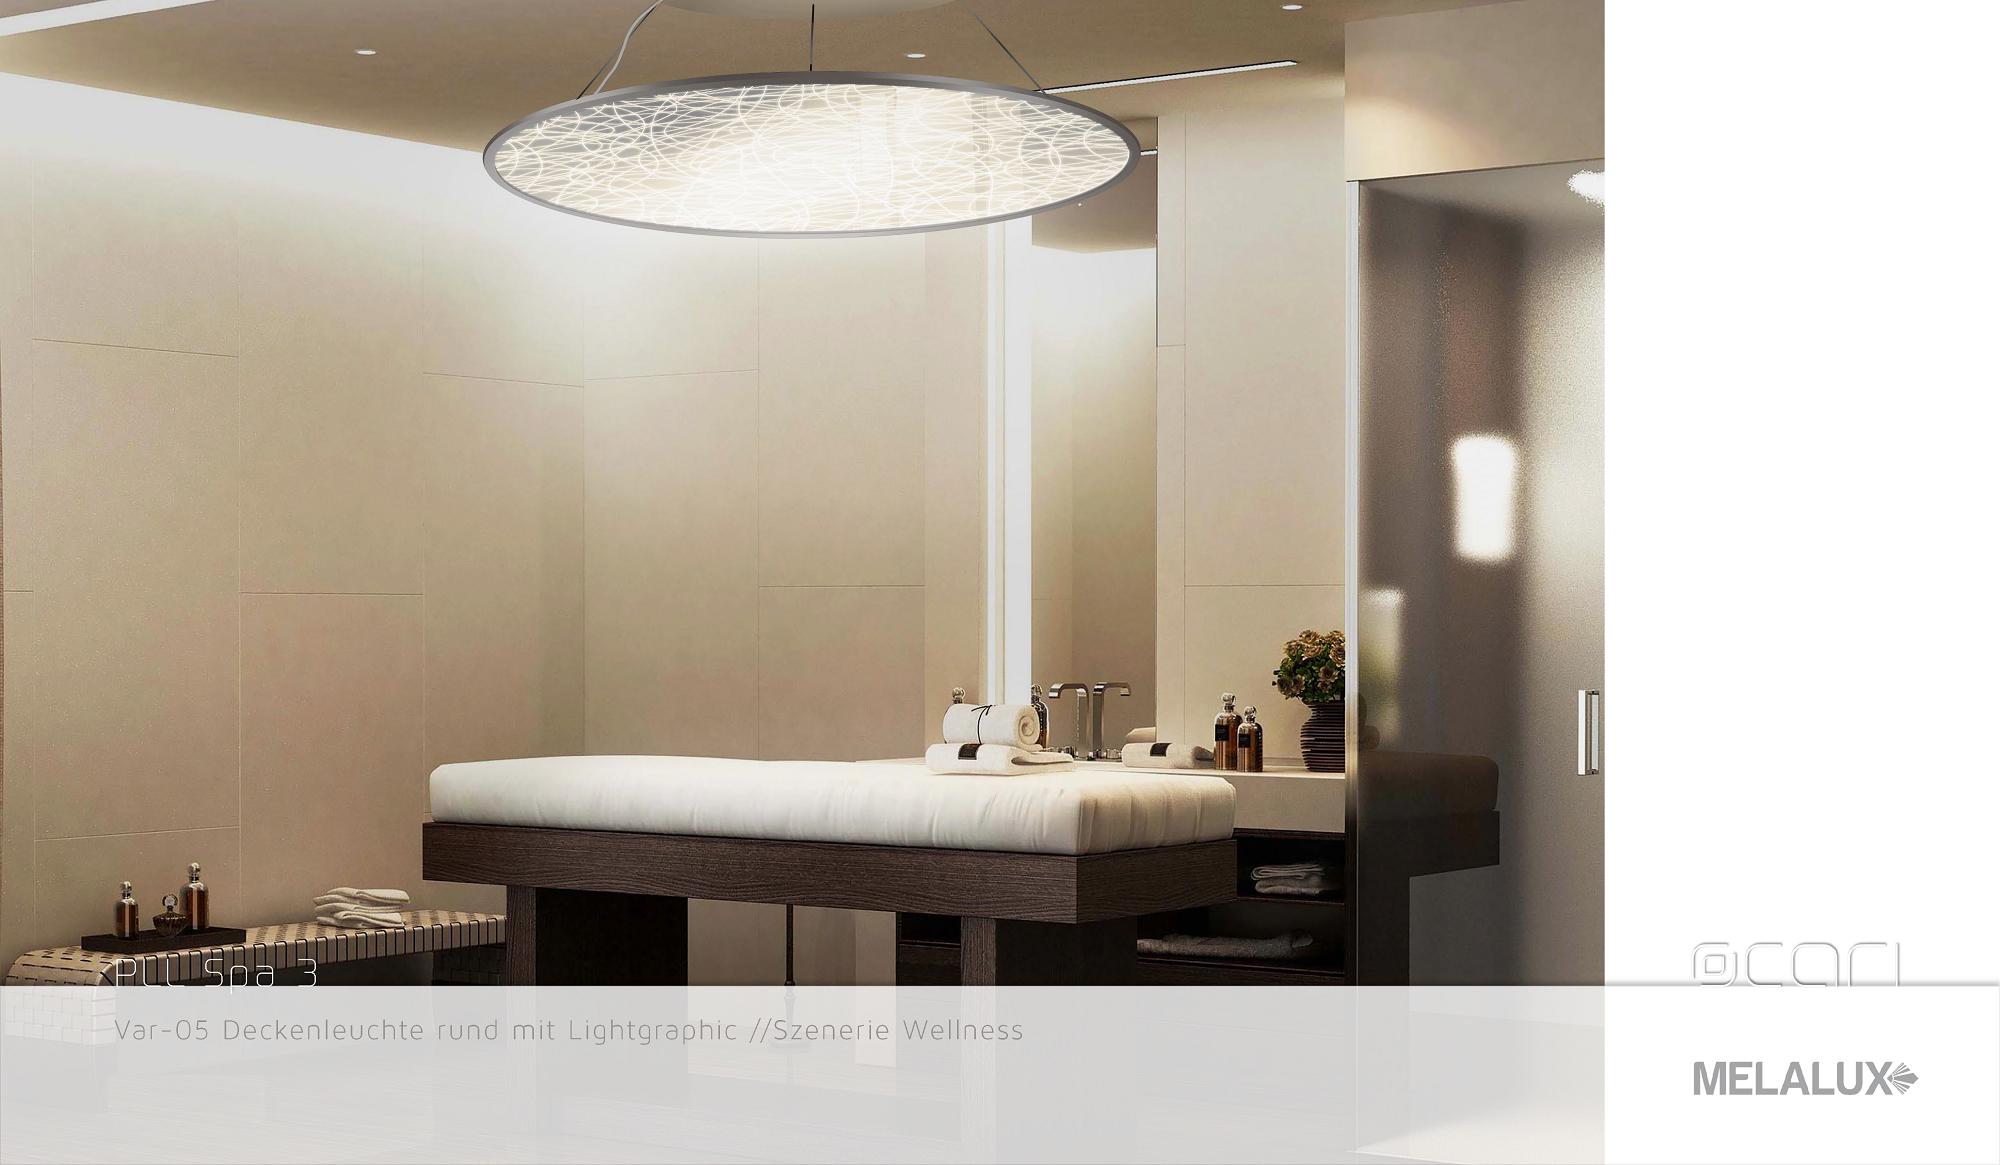 Runde Plexiglas Lichtleiterplatte mit verspielter Ocari-Struktur und hochwertigem Aluminiumspiegel.